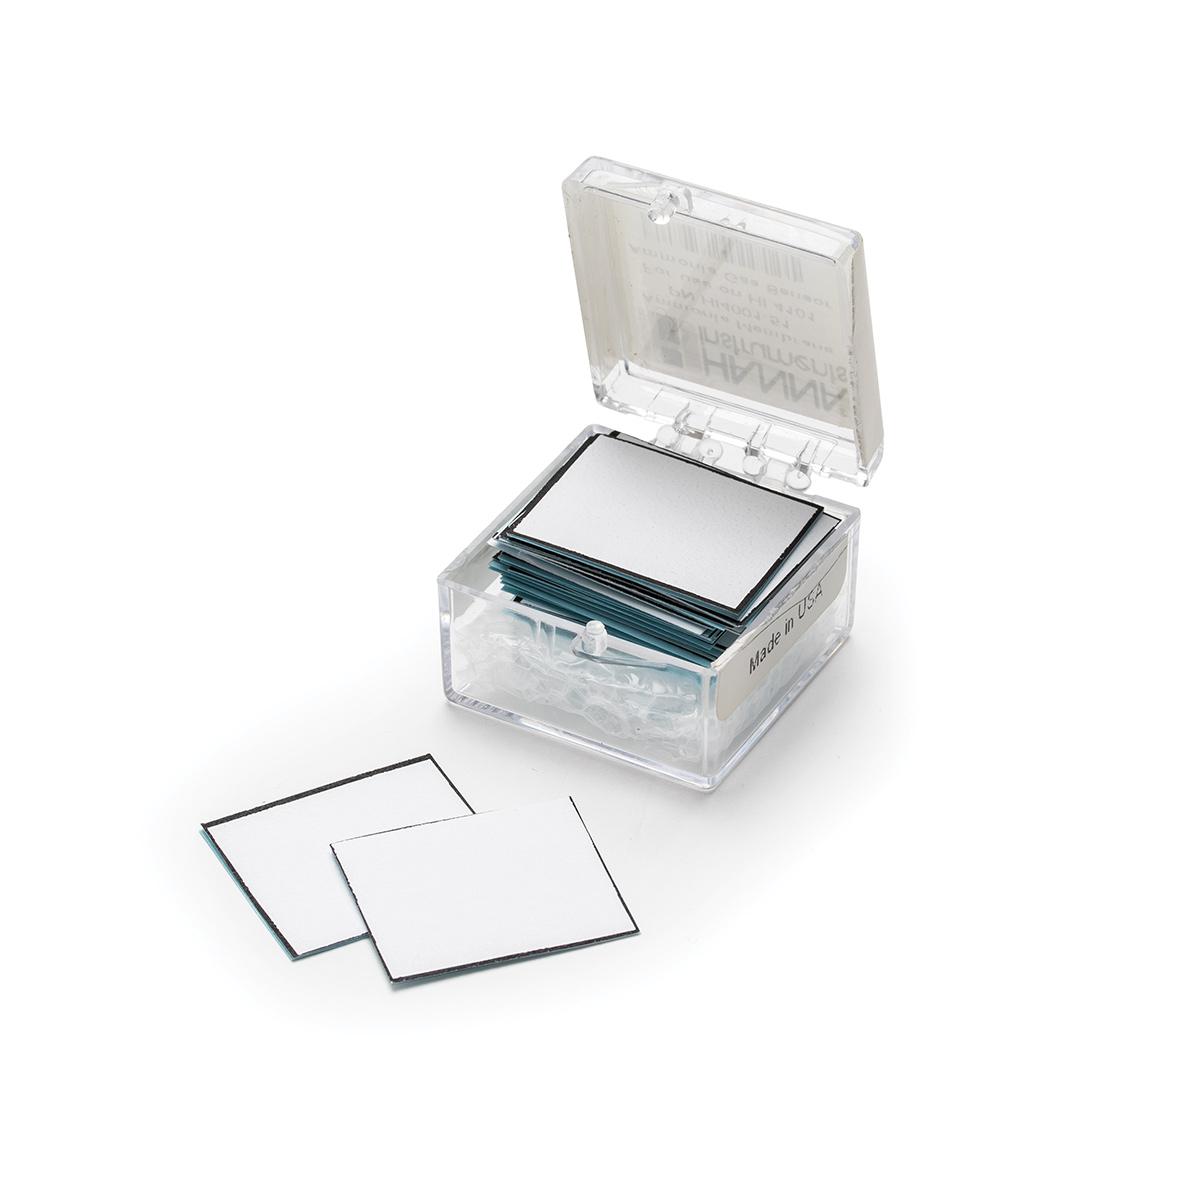 Kit de Membranas para ISE de Amoniaco (20 piezas) - HI4001-51